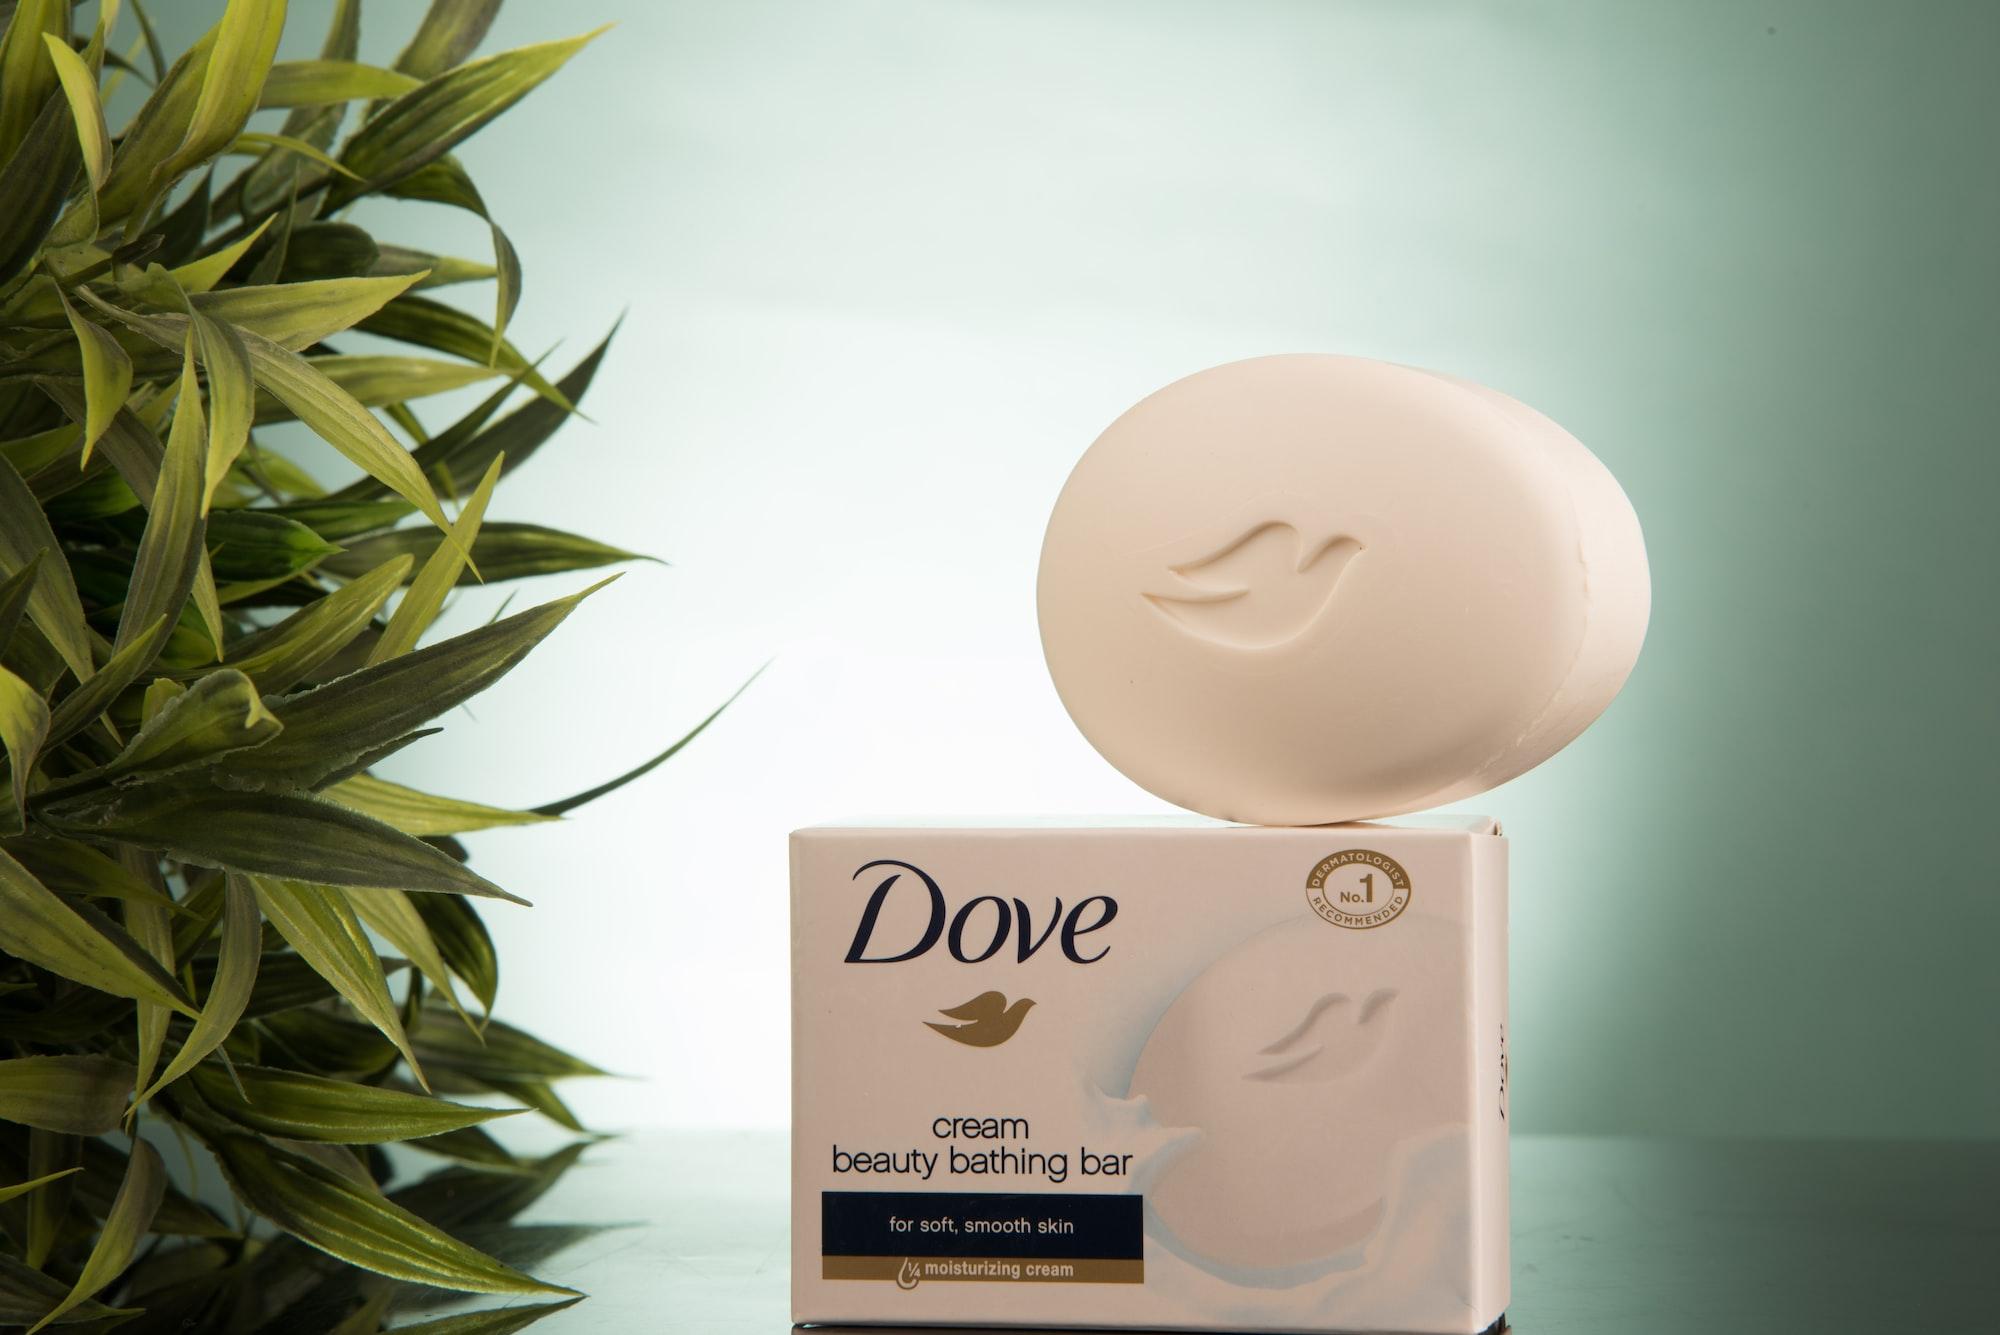 Dove y su identidad contracorriente